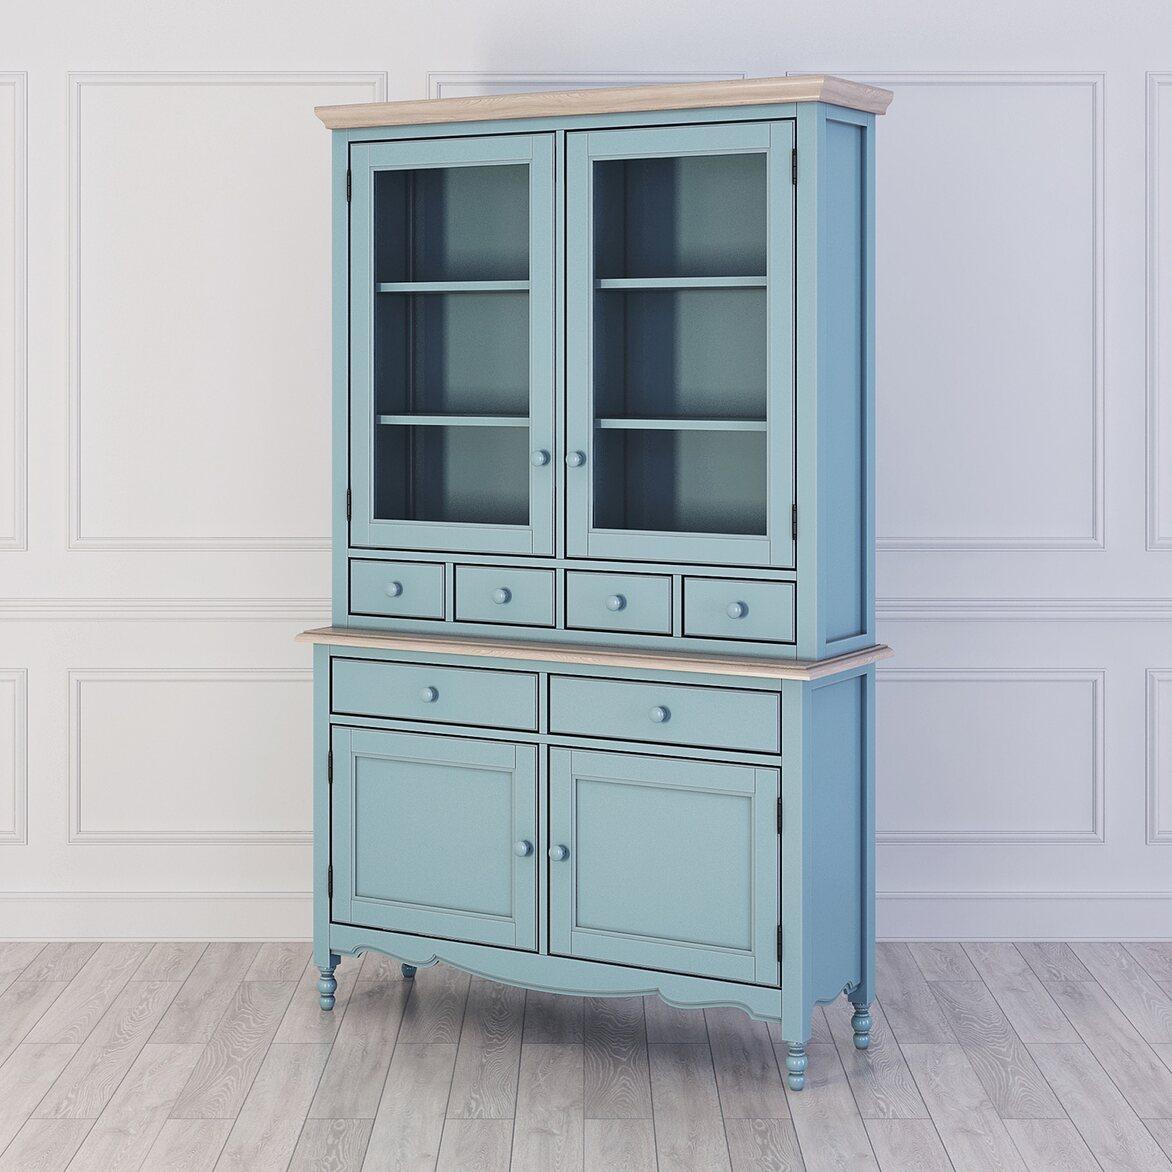 Буфет с ящиками и дверцами Leblanc, голубой | Буфеты Kingsby